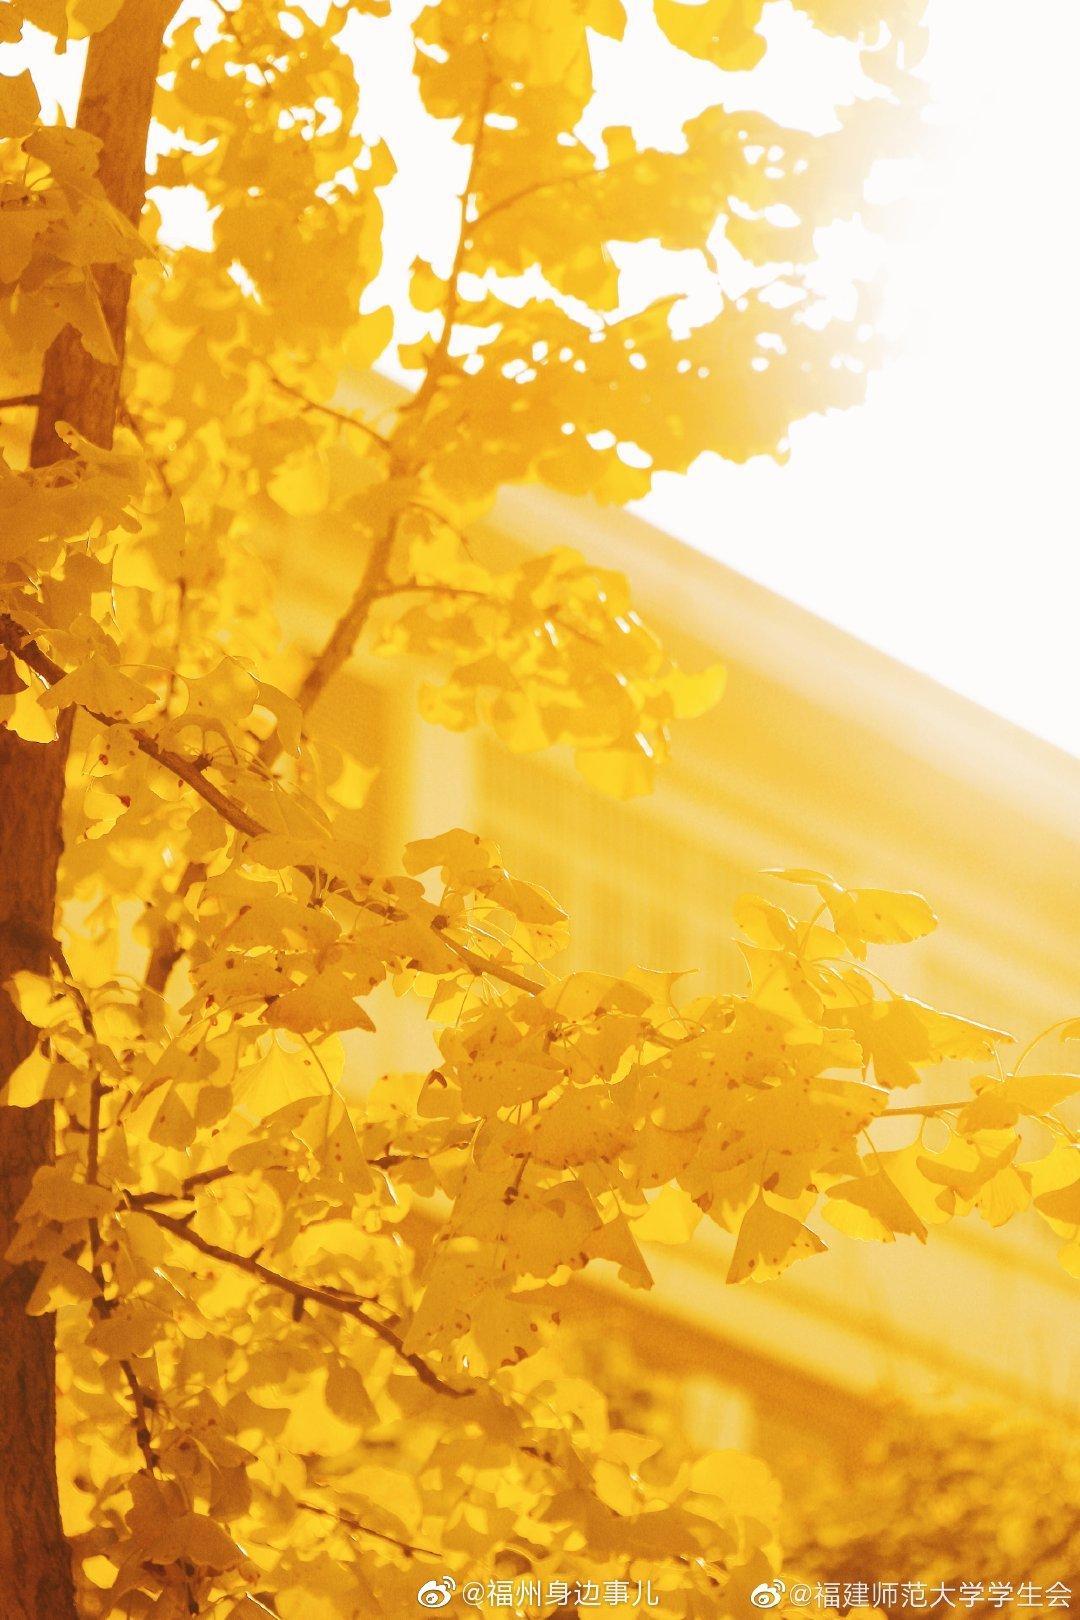 师大校园里金灿灿的银杏